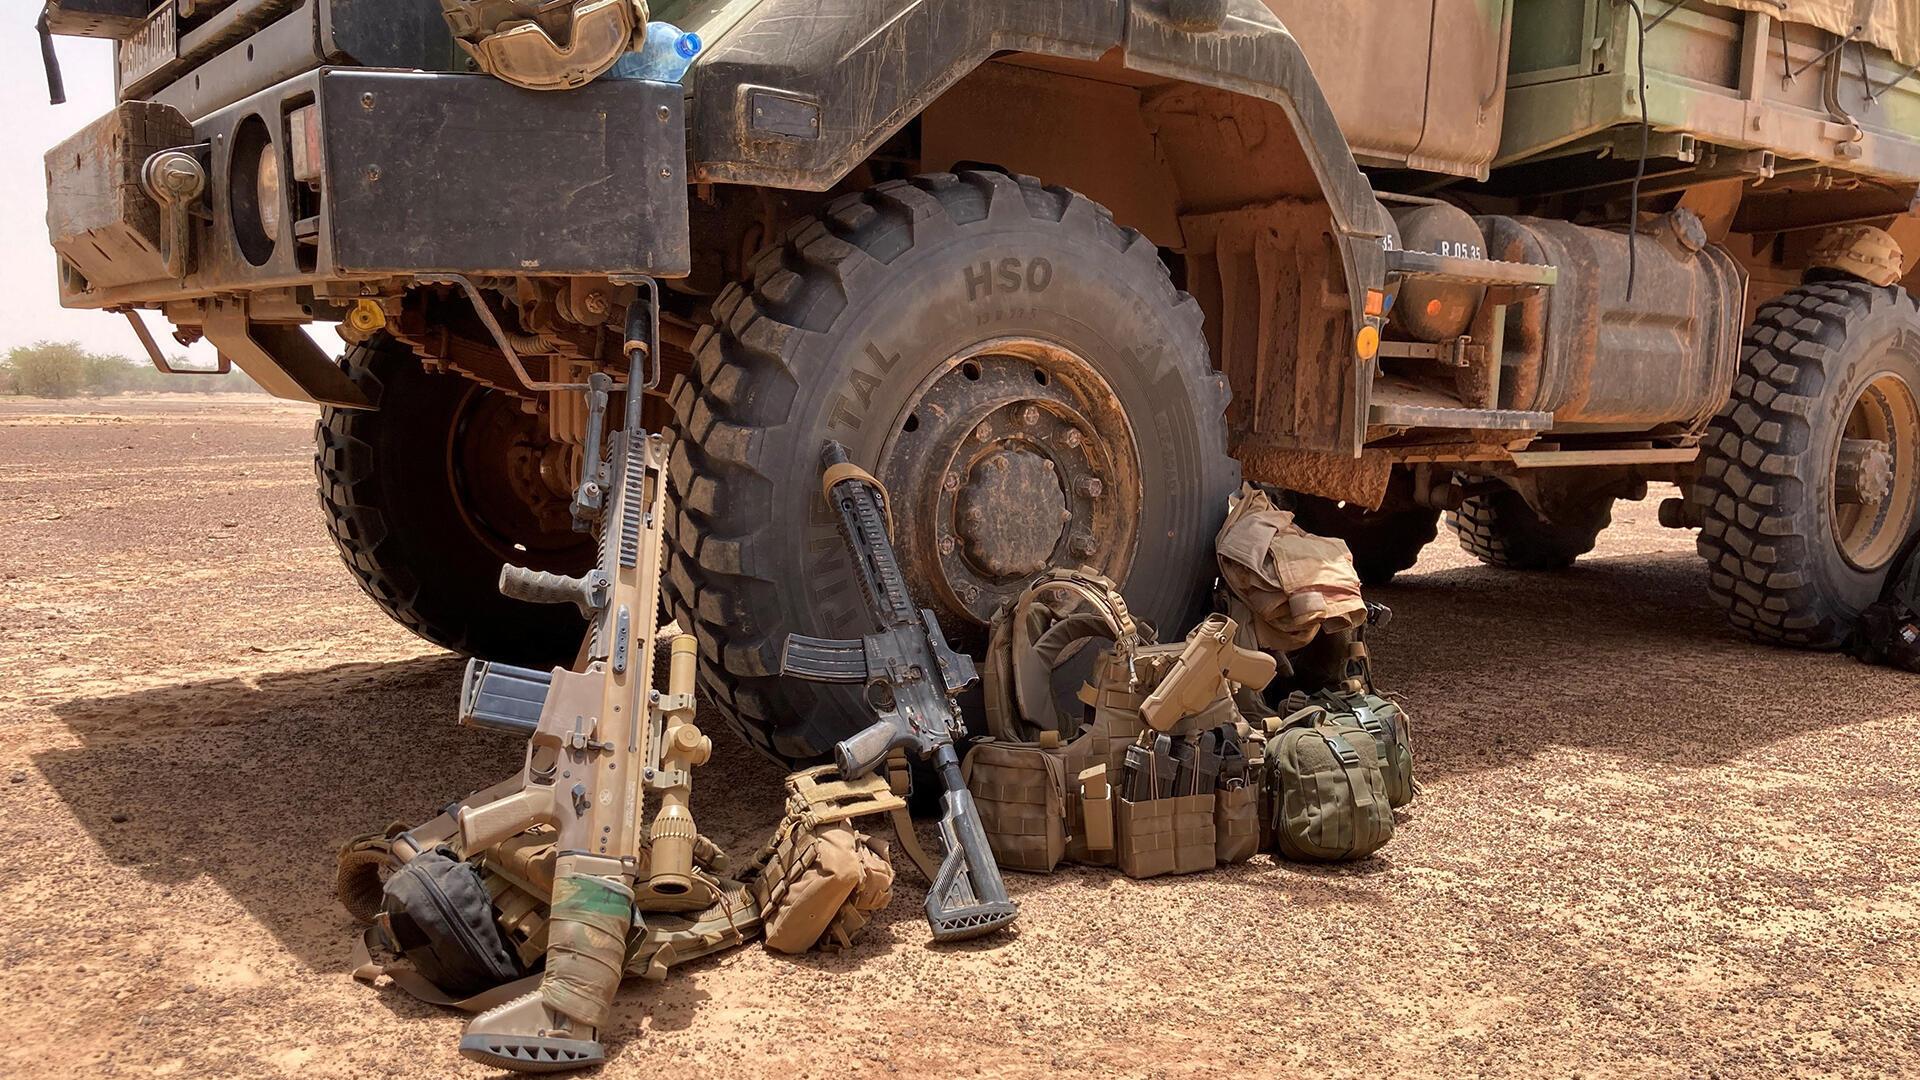 bravo12 ok - Les armes de la section Tireurs d'élite du groupe de combat au premier plan un FN SCAR-H PR équipé de sa lunette de grossissement